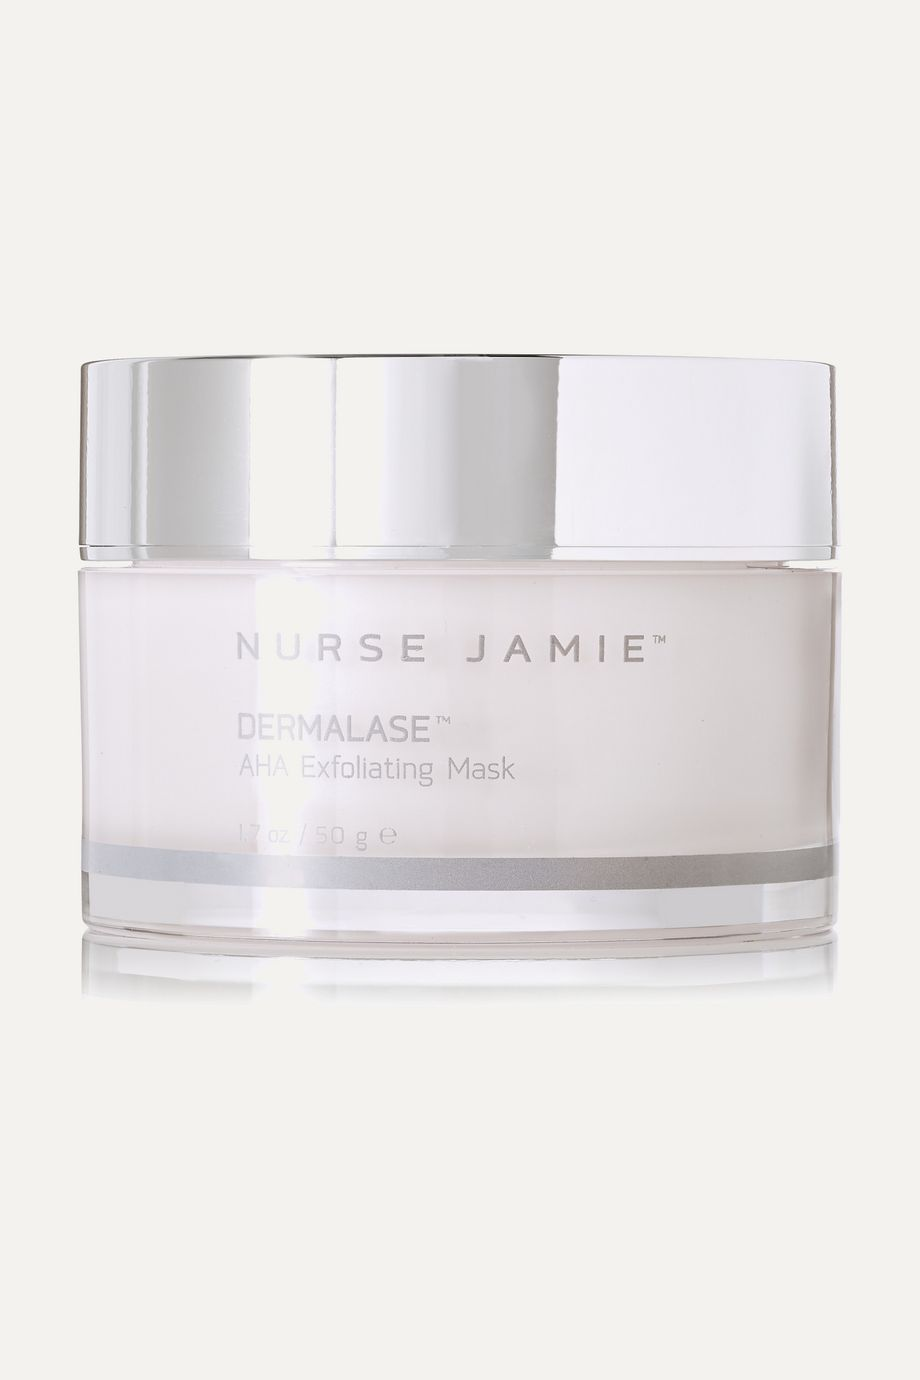 Nurse Jamie Dermalase™ AHA Exfoliating Mask, 50g